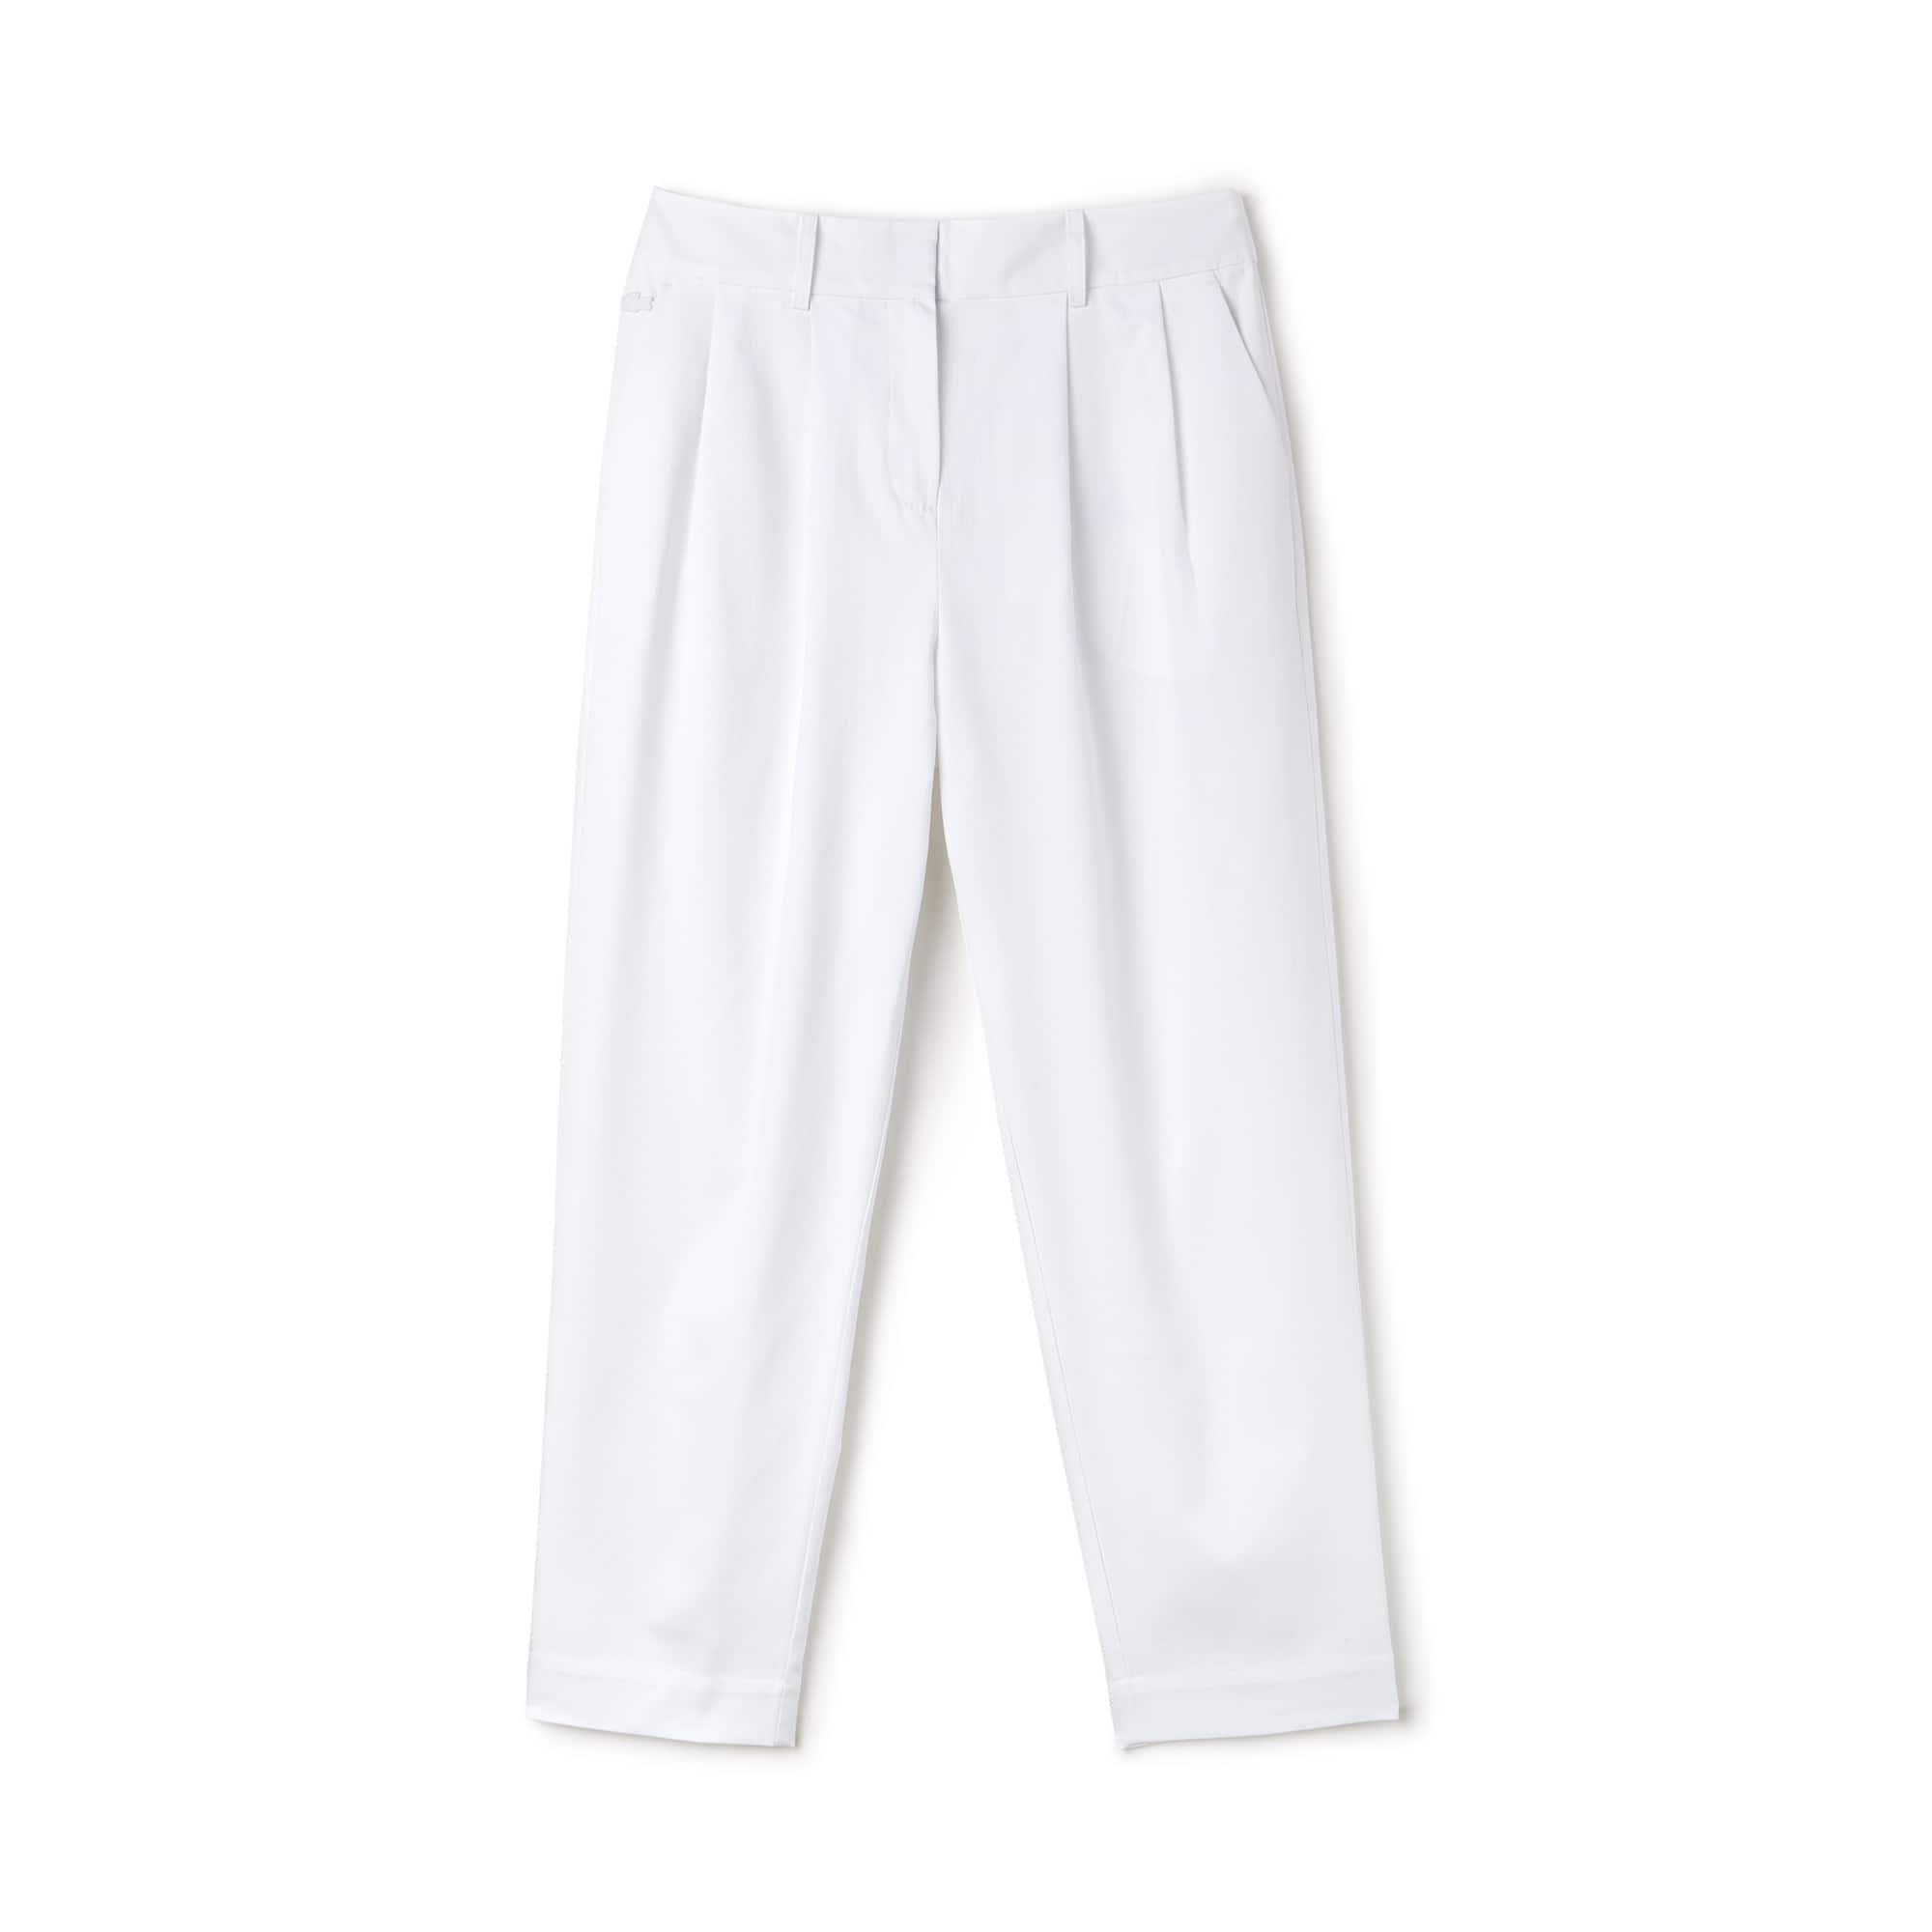 Pantalon à pinces carrot fit en coton texturé uni